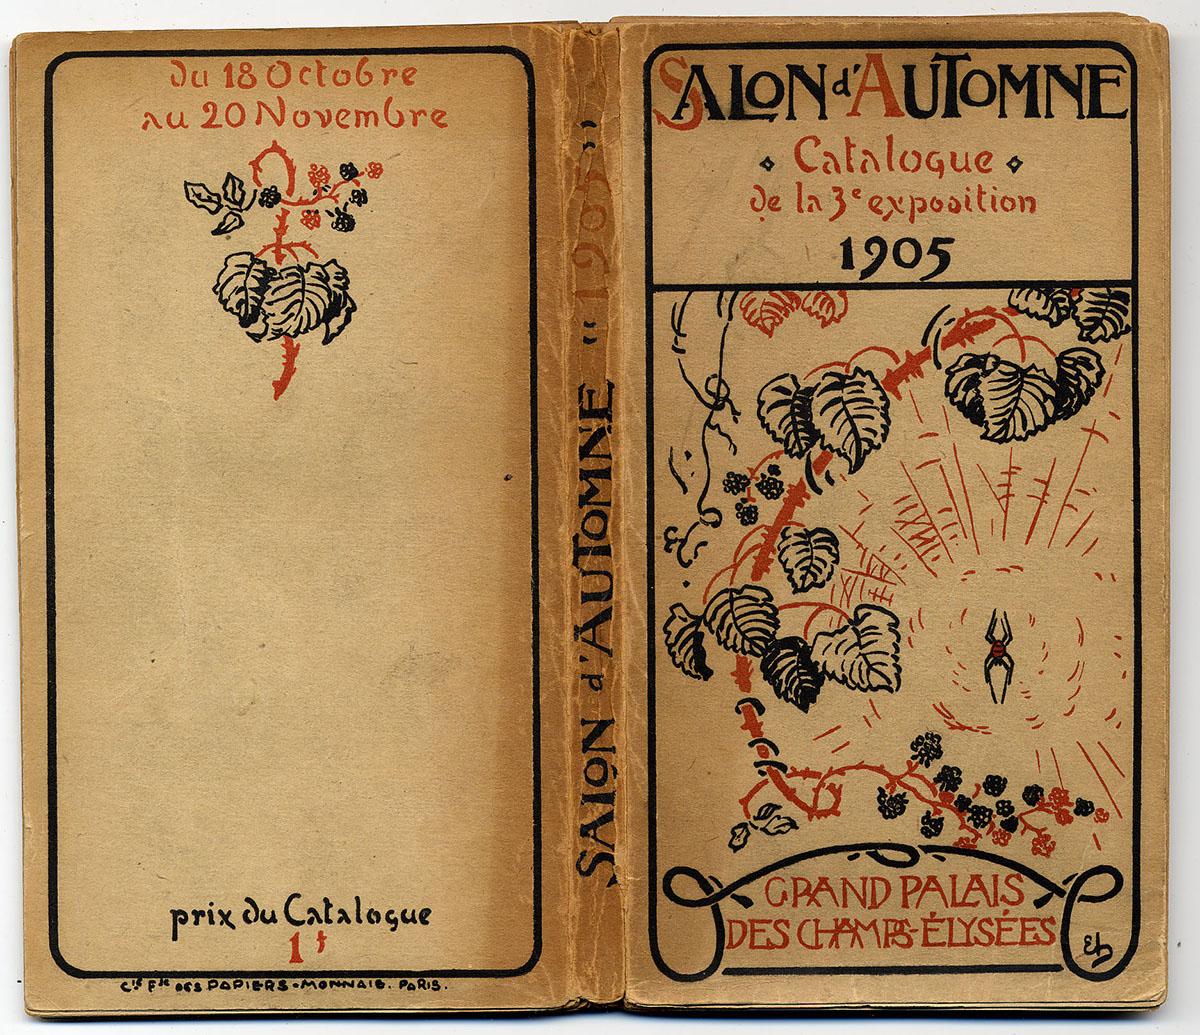 couverture du catalogue d'exposition salon d'automne